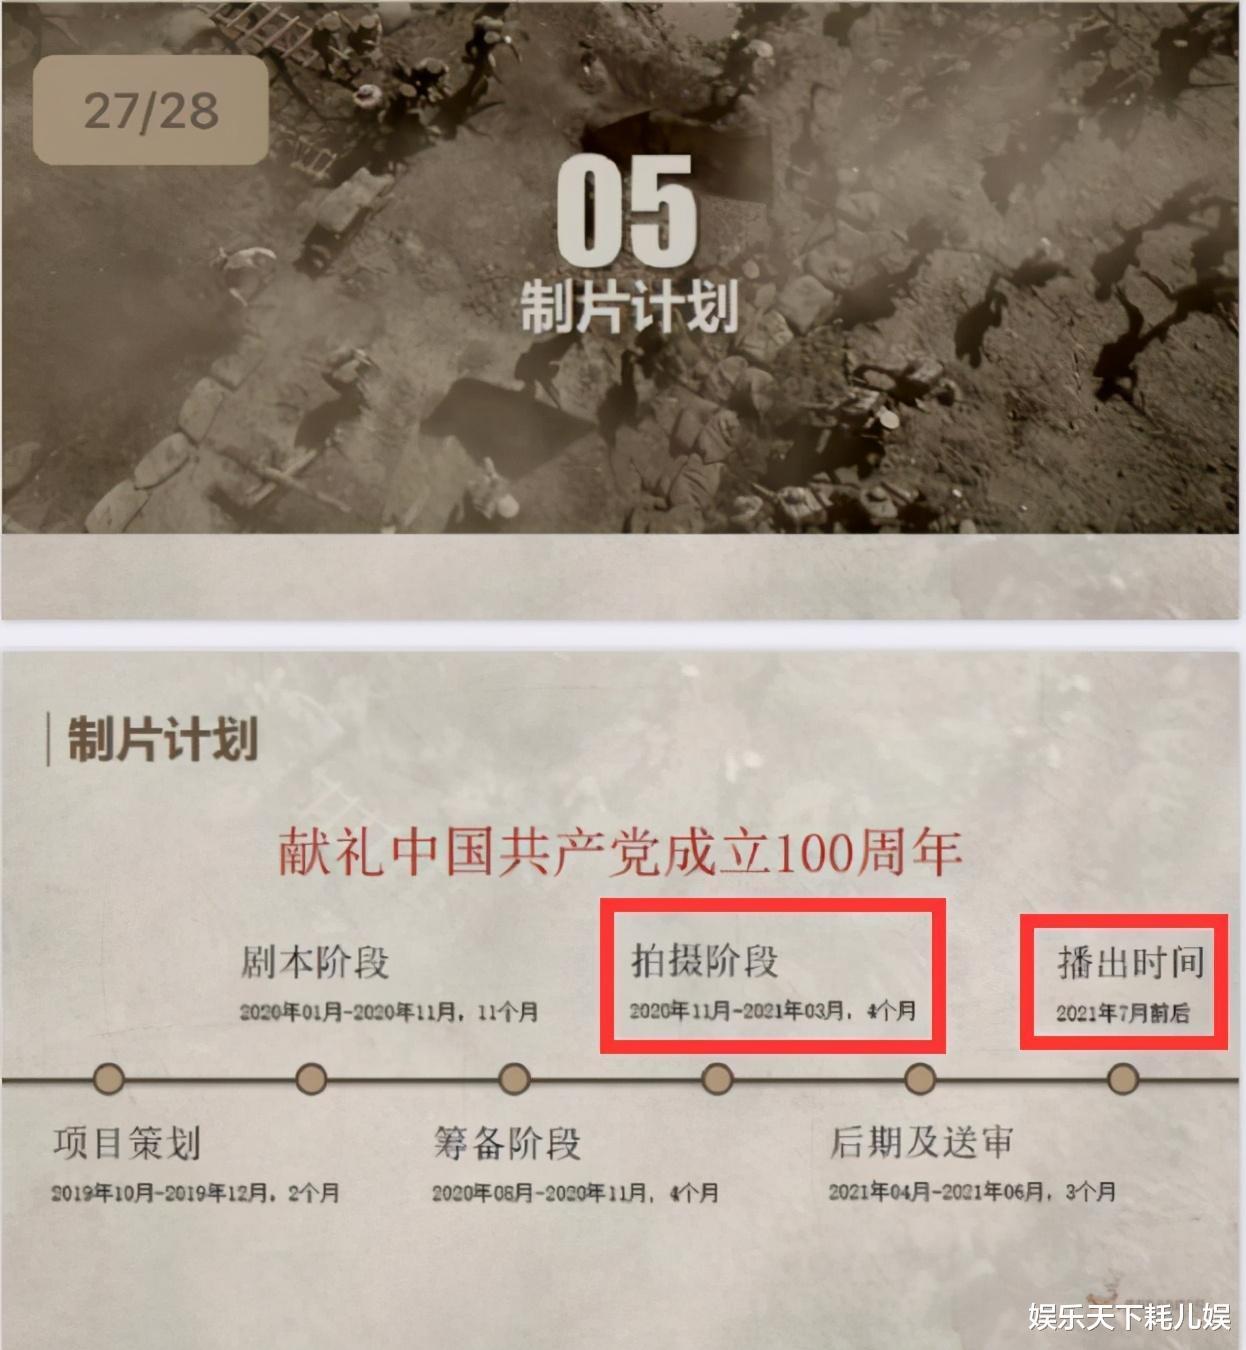 《王牌》后肖战新剧定了?演央视剧大学生阵容强大,227粉丝已经开始举报插图8